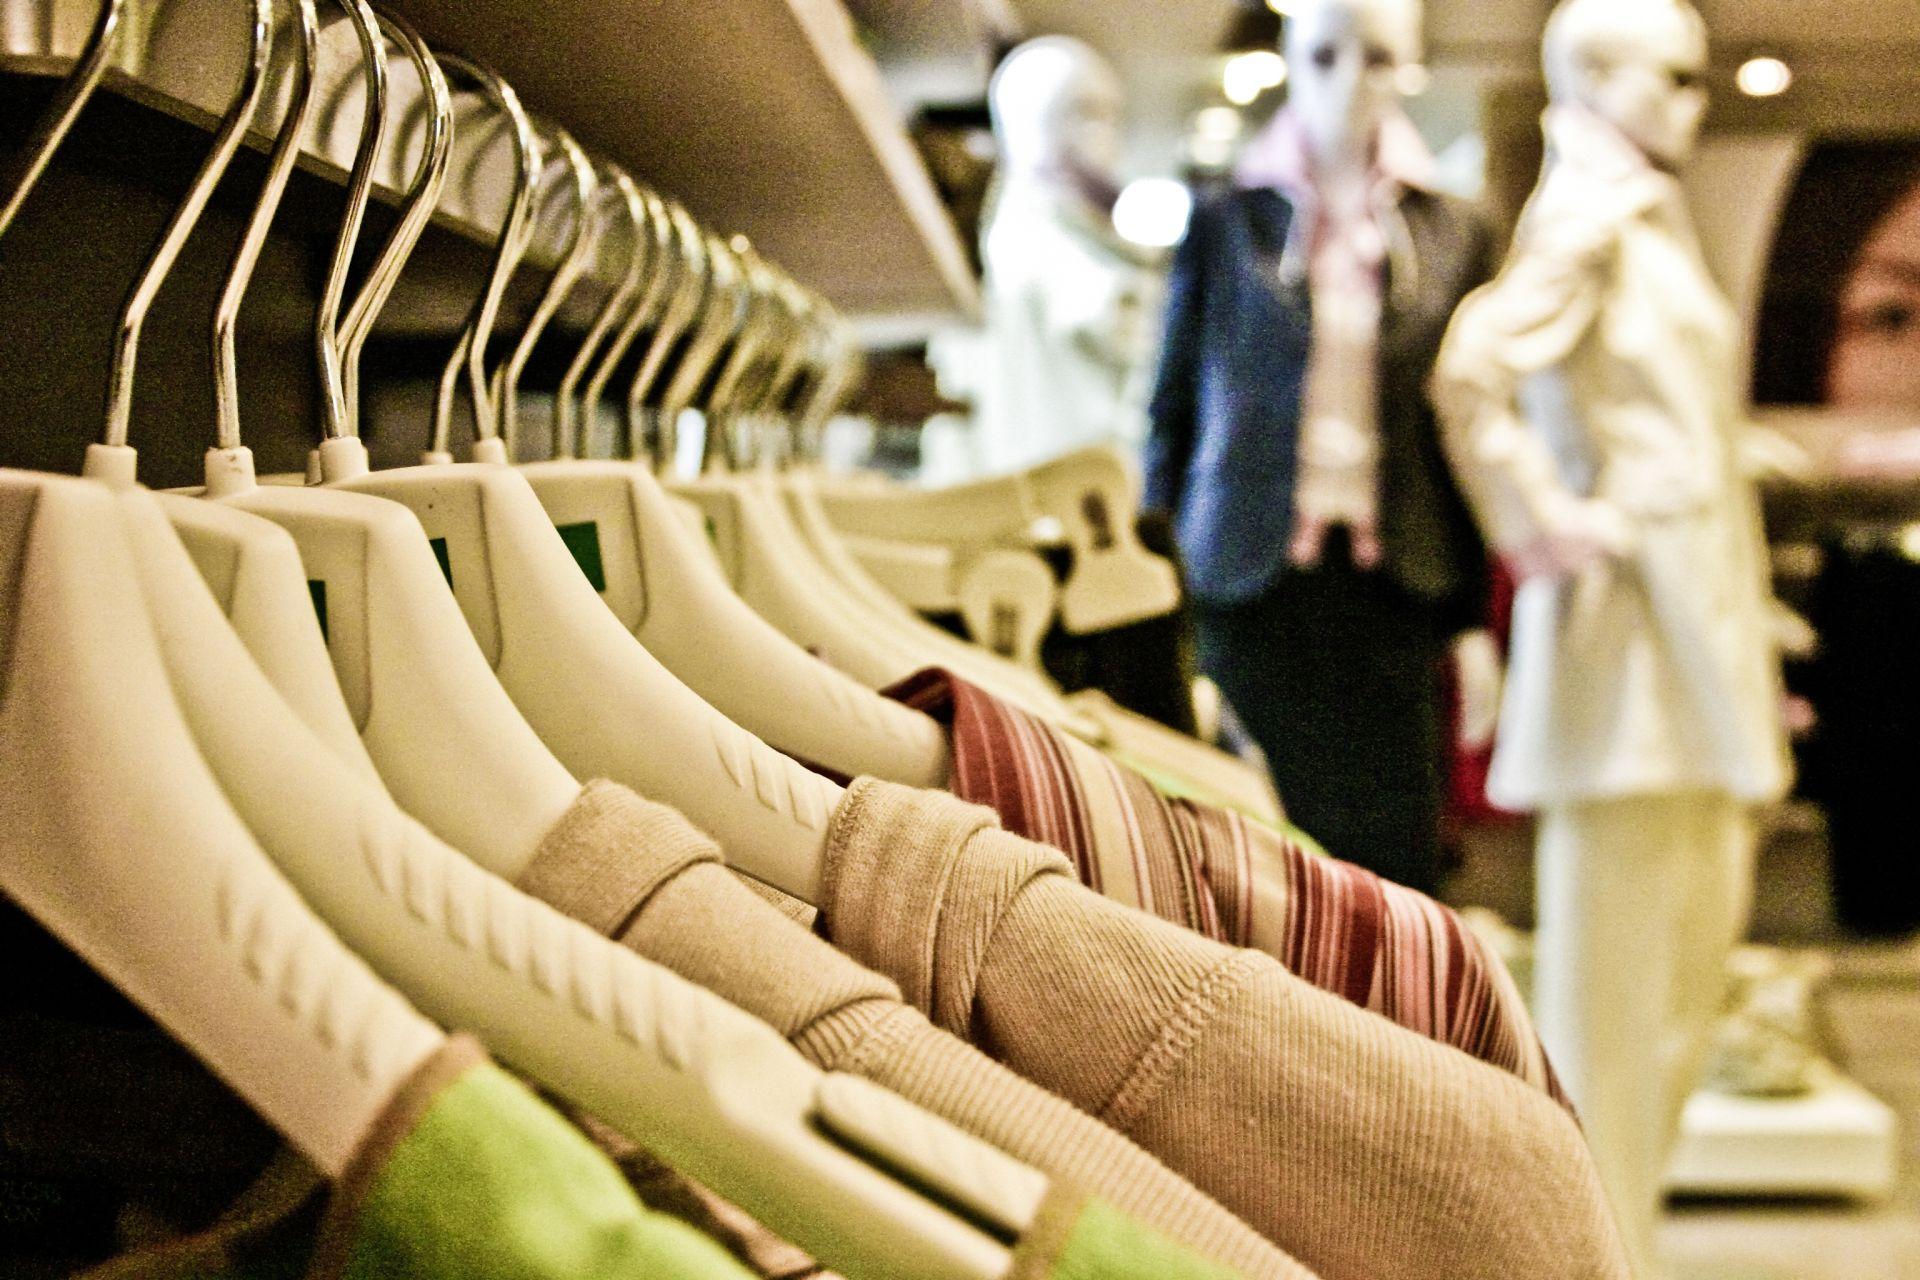 O brechó terá roupas seminovas e acessórios a preços mais em conta. Foto: VisualHunt.